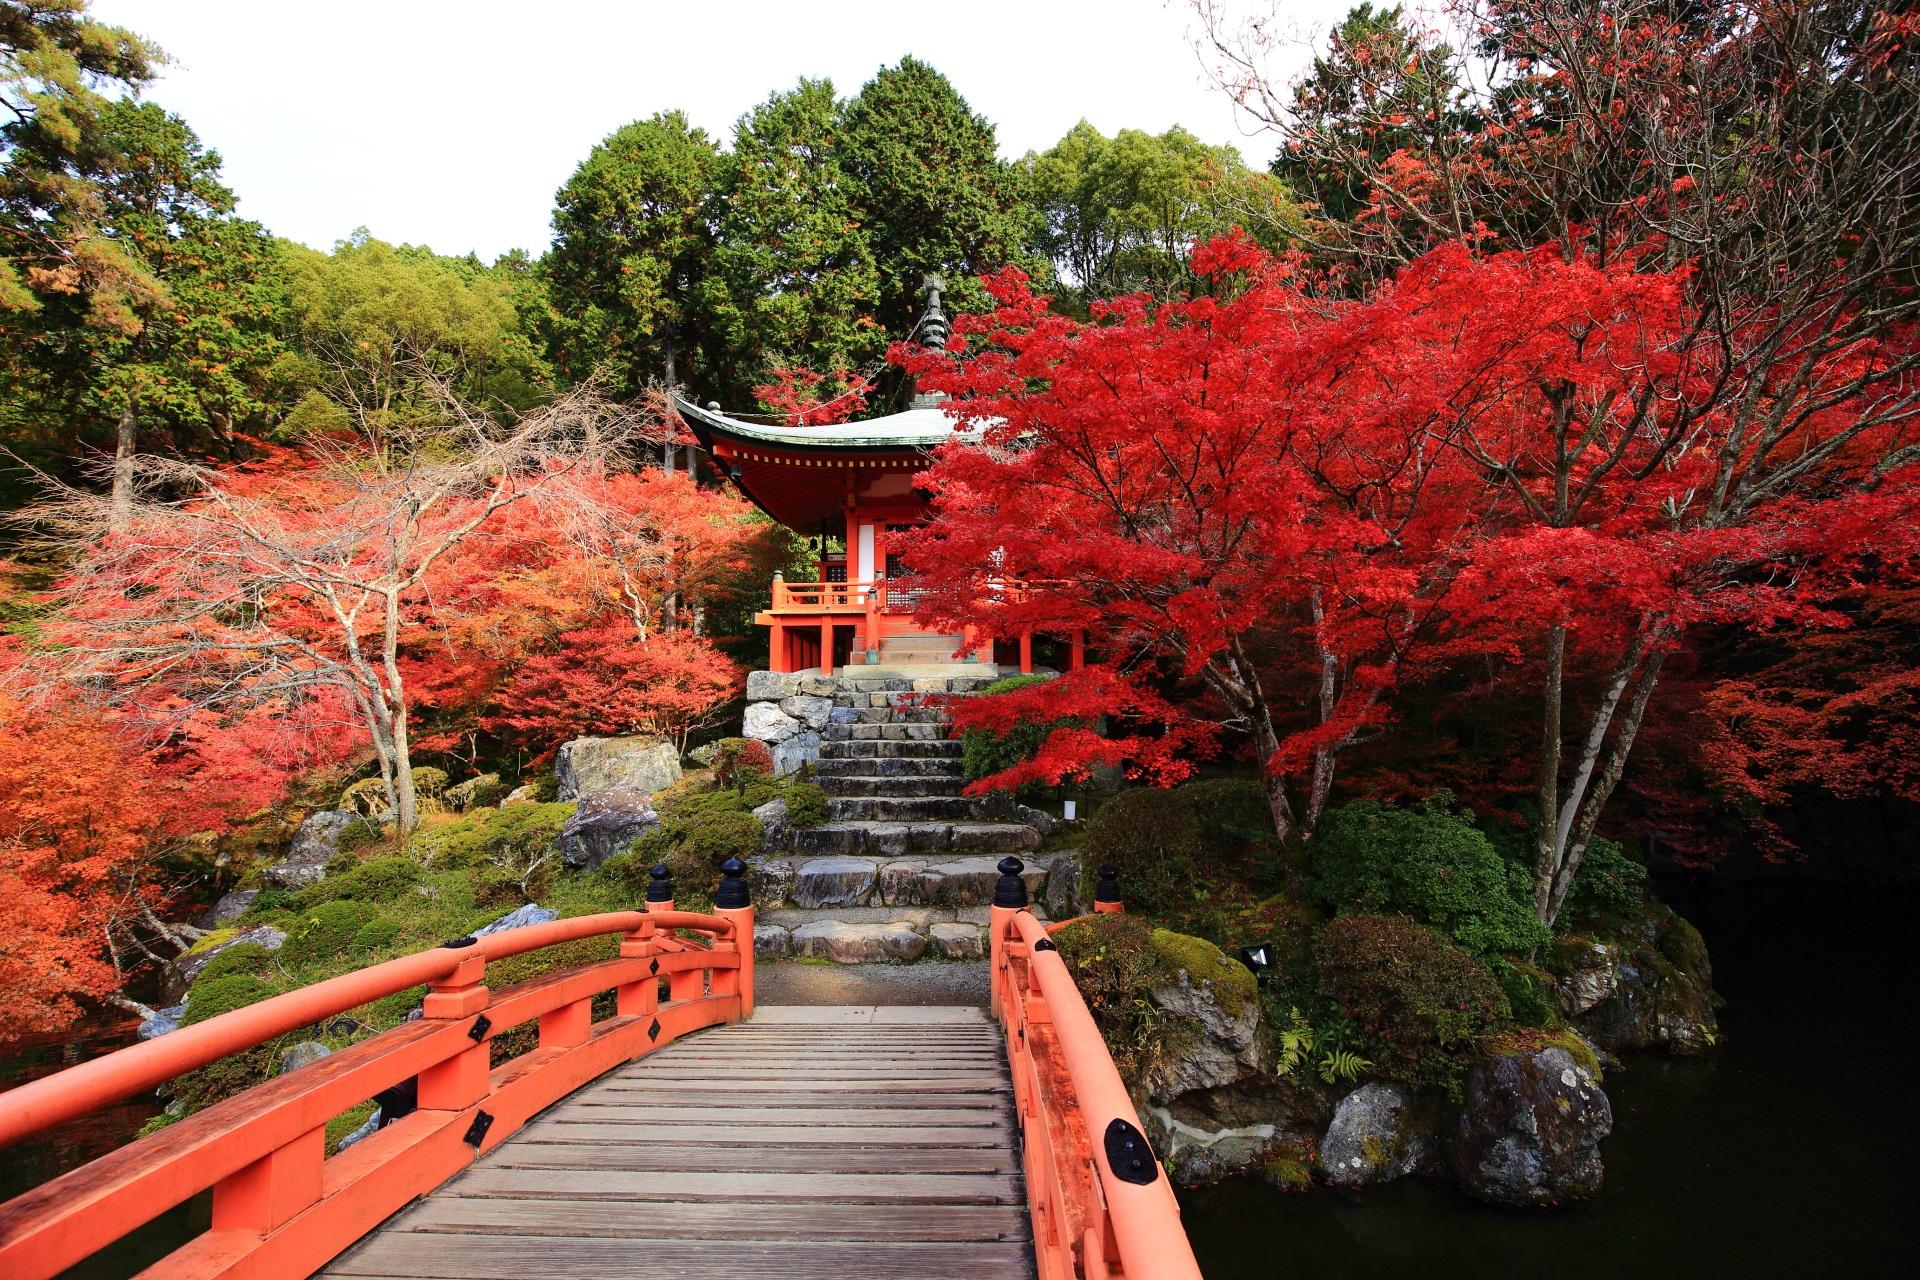 醍醐寺の弁天堂と燃えるような真っ赤な紅葉